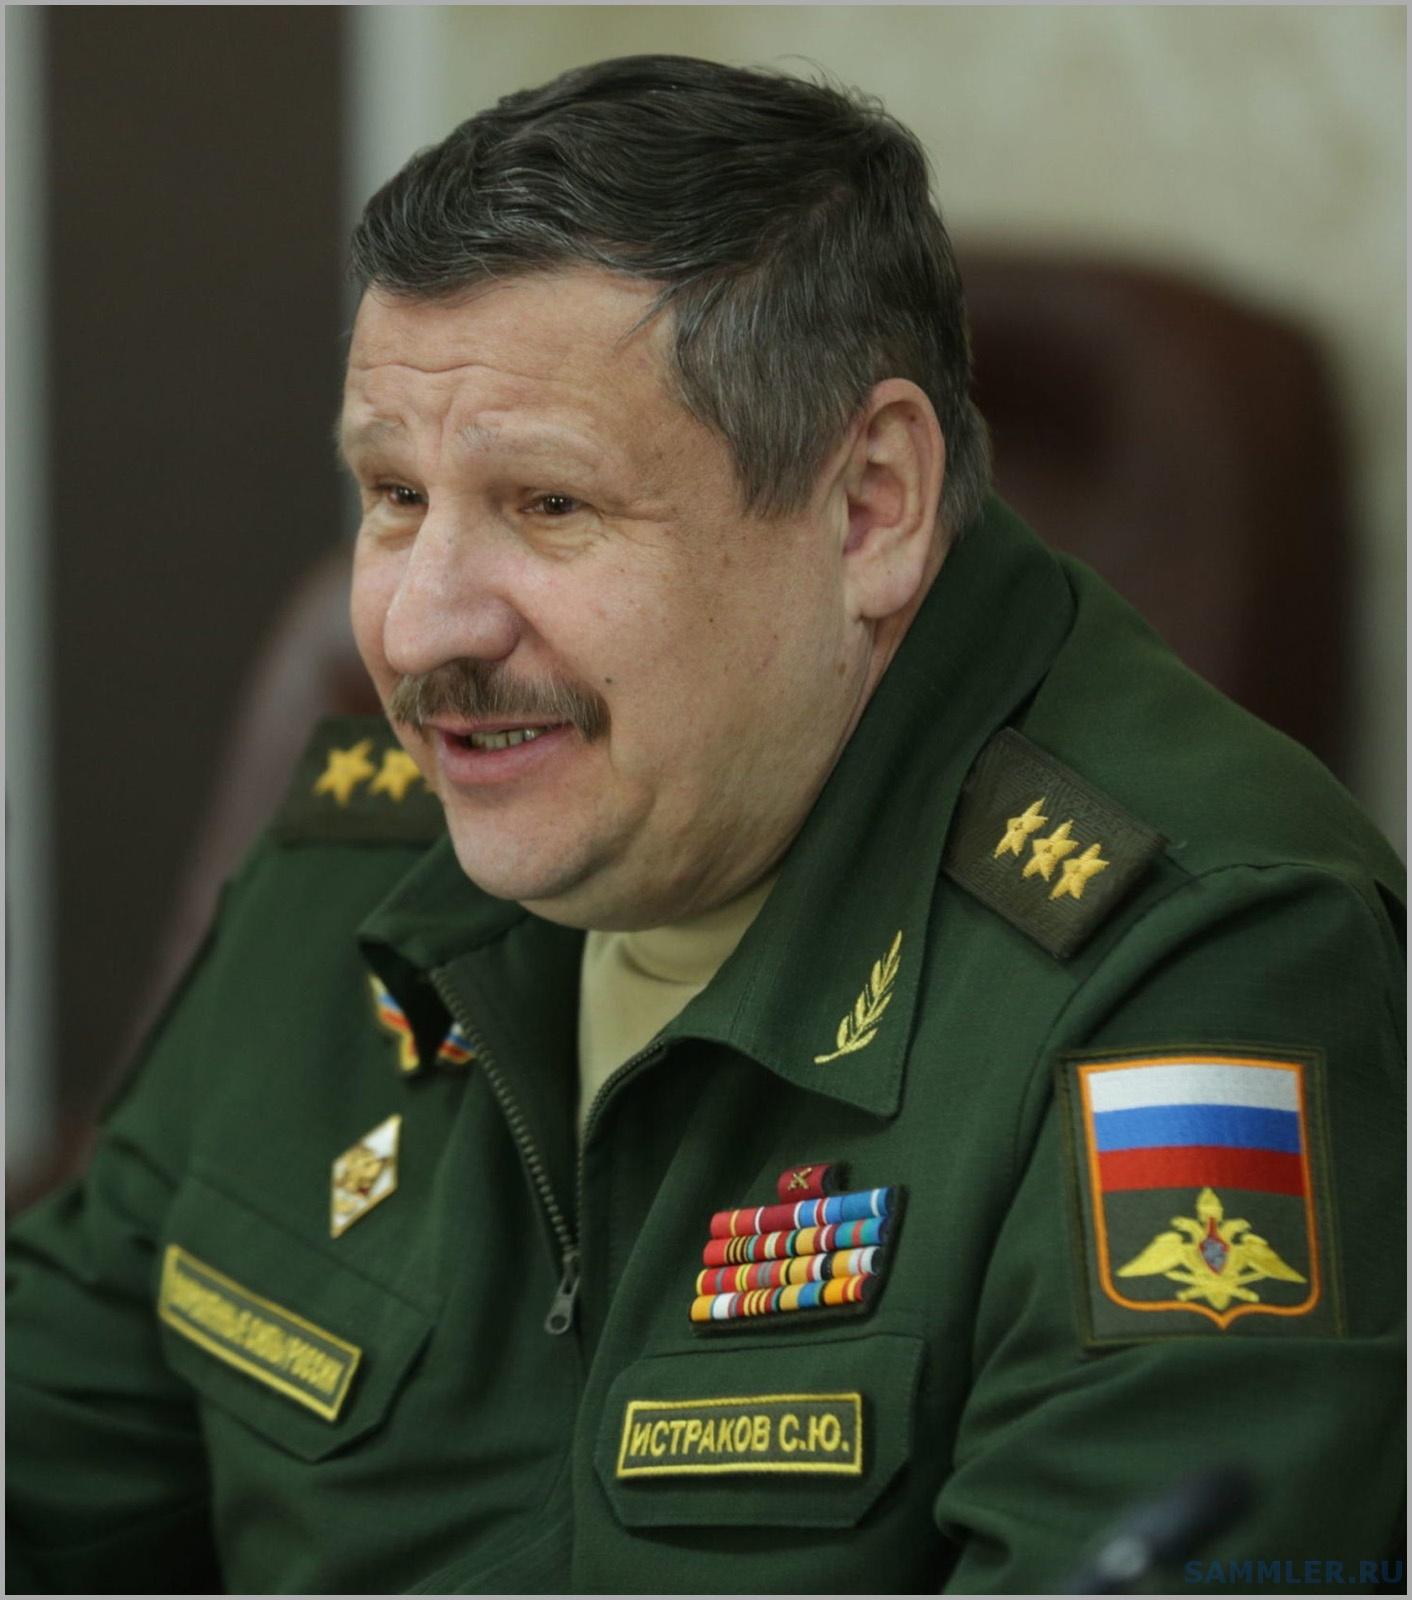 Сергей Юрьевич Истраков -.jpg